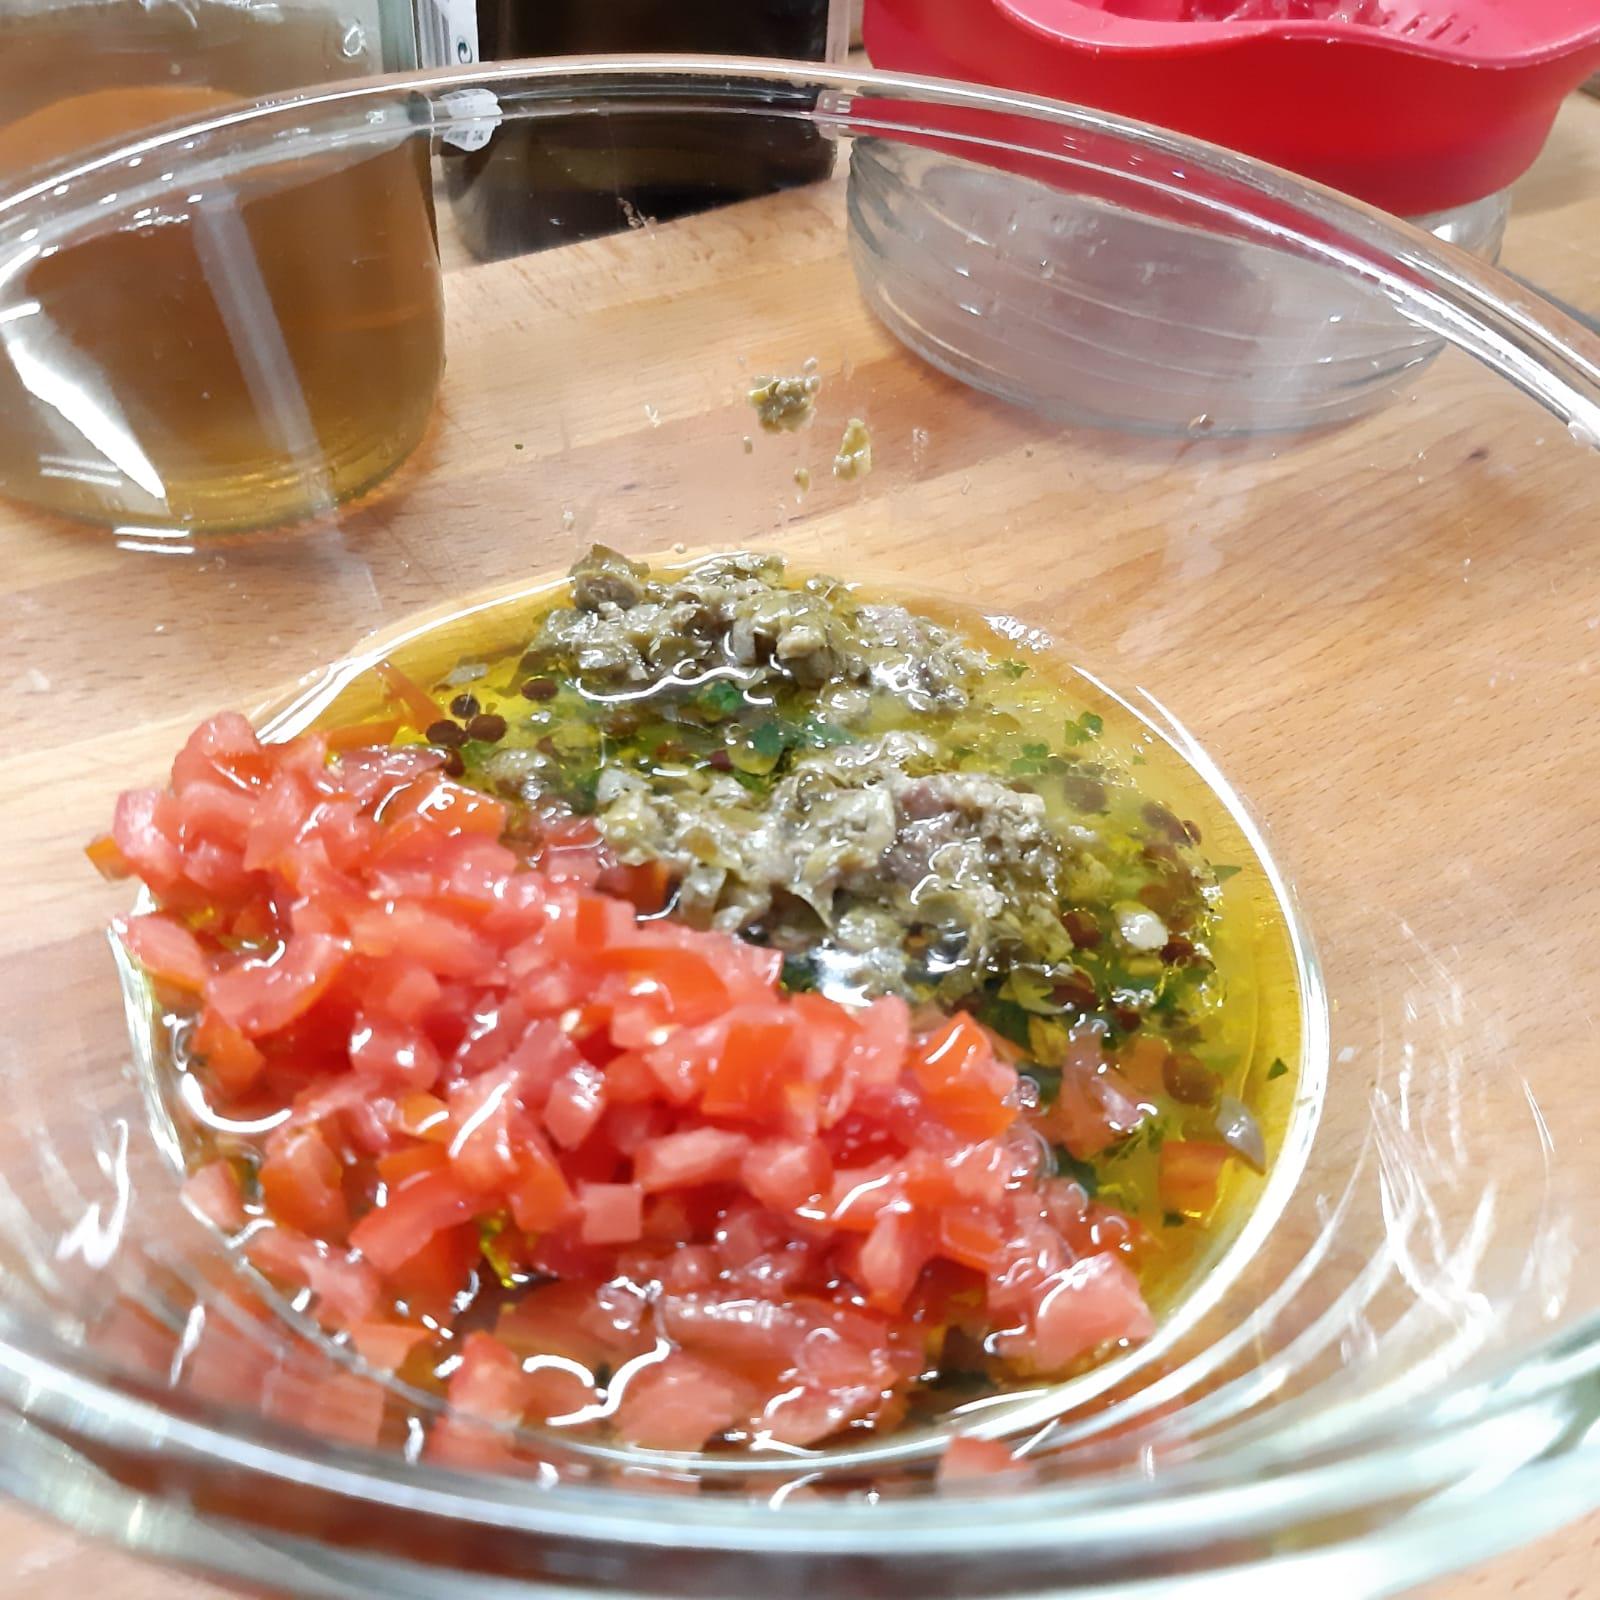 melanzane grigliate ai sapori mediterranei